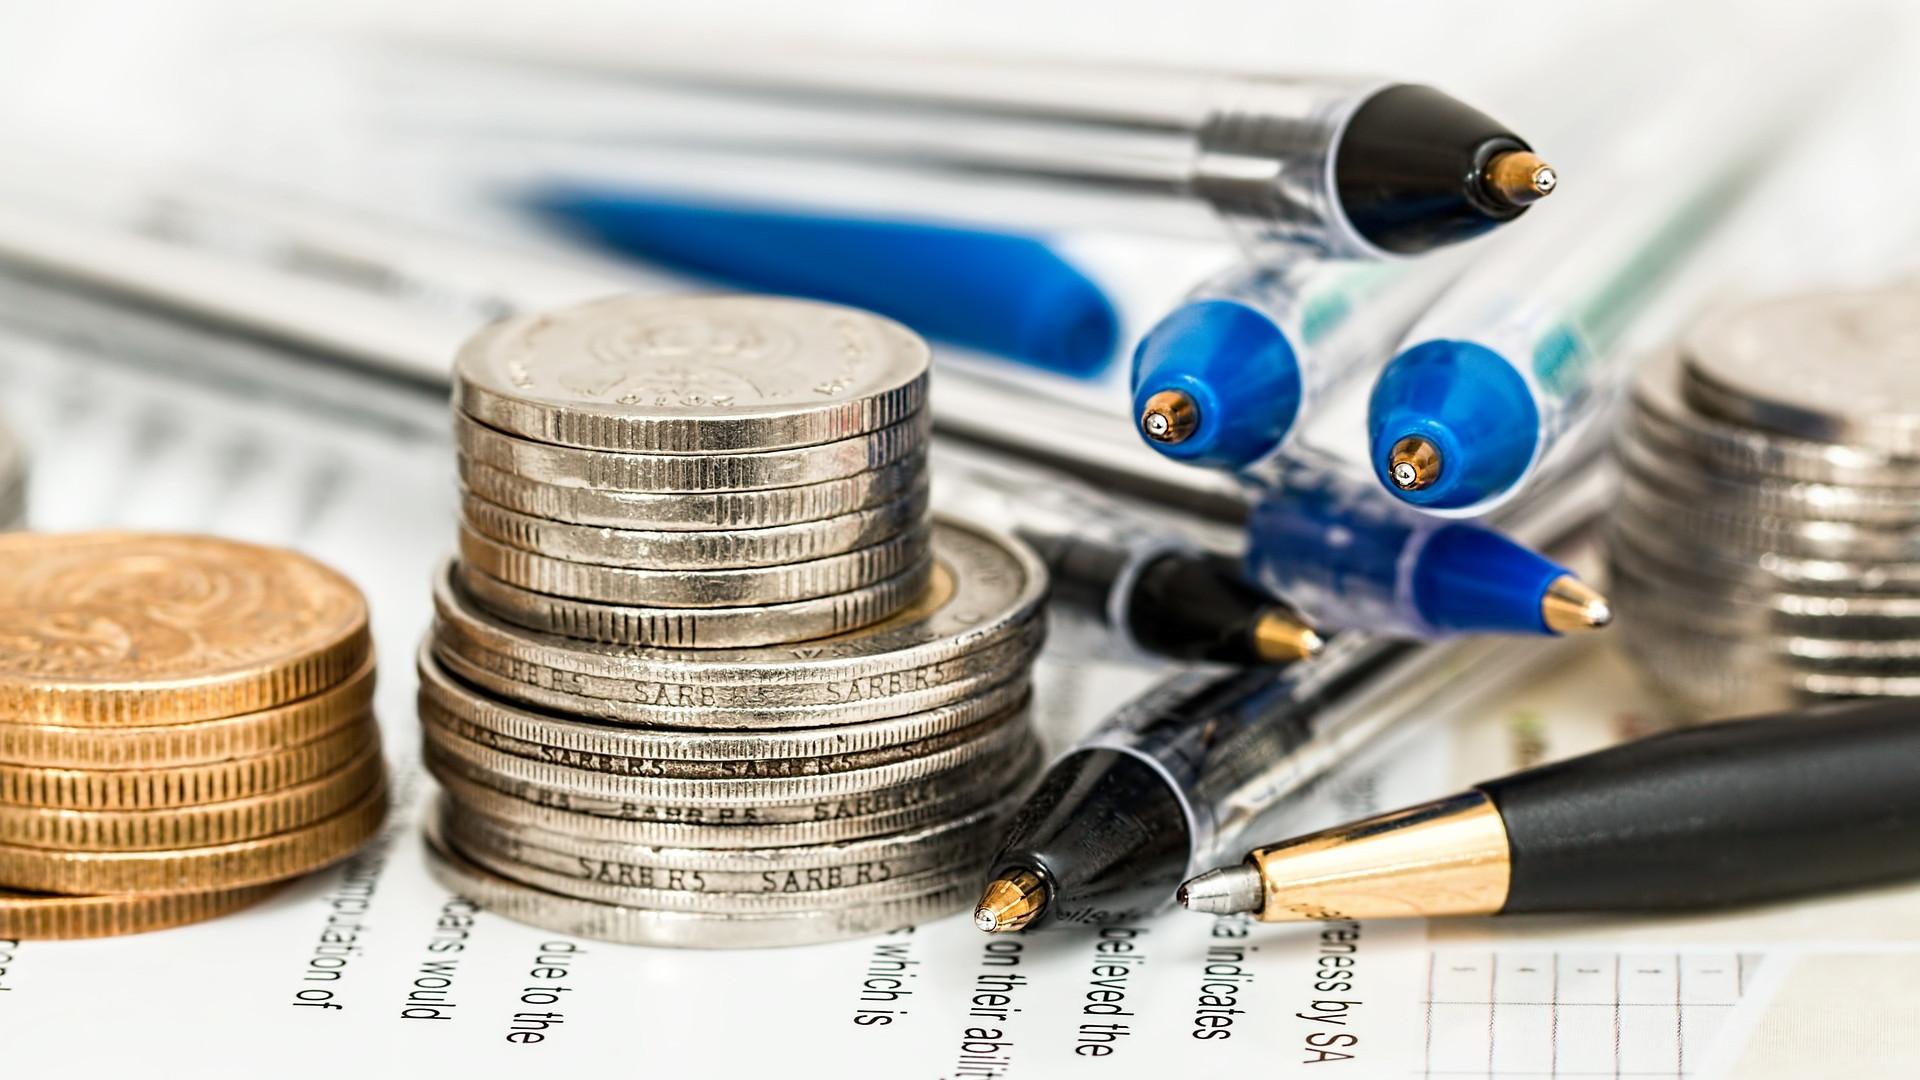 Comment bien choisir sa banque pour un compte professionnel ?